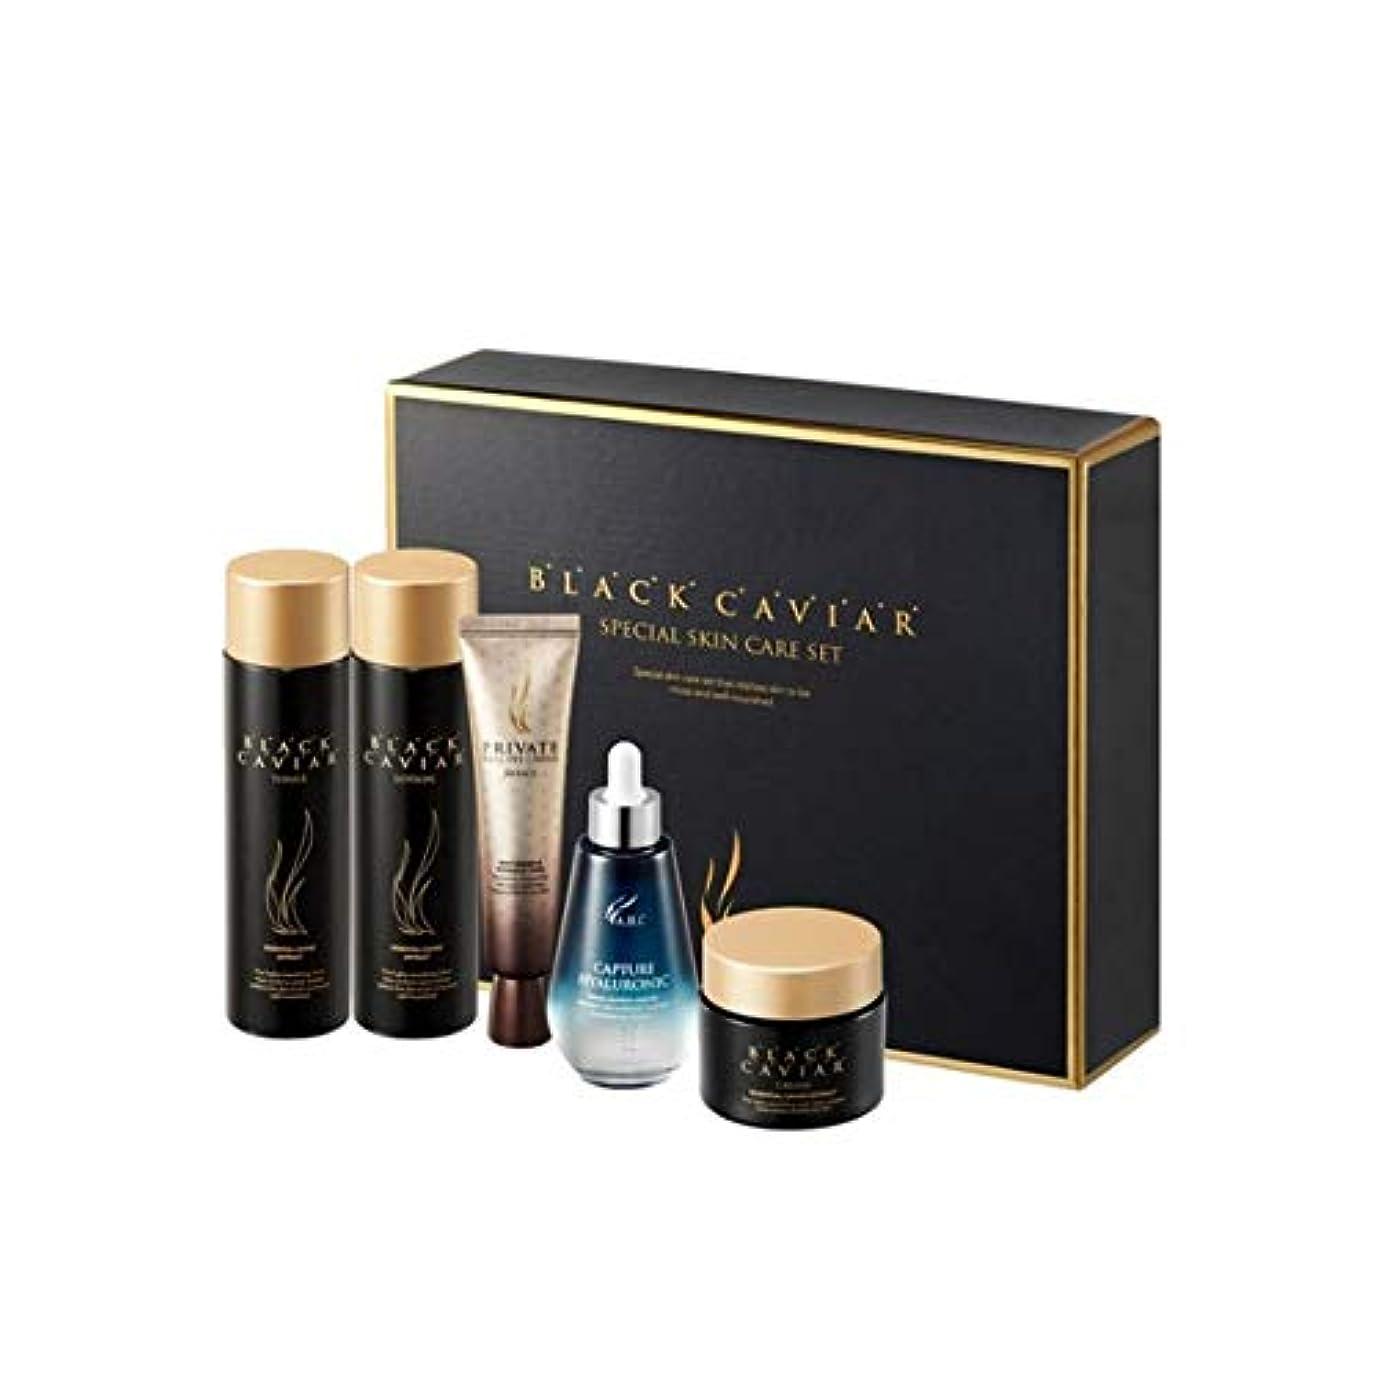 ハイライトスーダン防衛AHCブラックキャビアスキンケアセットトナーローションクリームアイクリームアンプル、AHC Black Caviar Skincare Set Toner Lotion Cream Eye Cream Ampoule [並行輸入品]